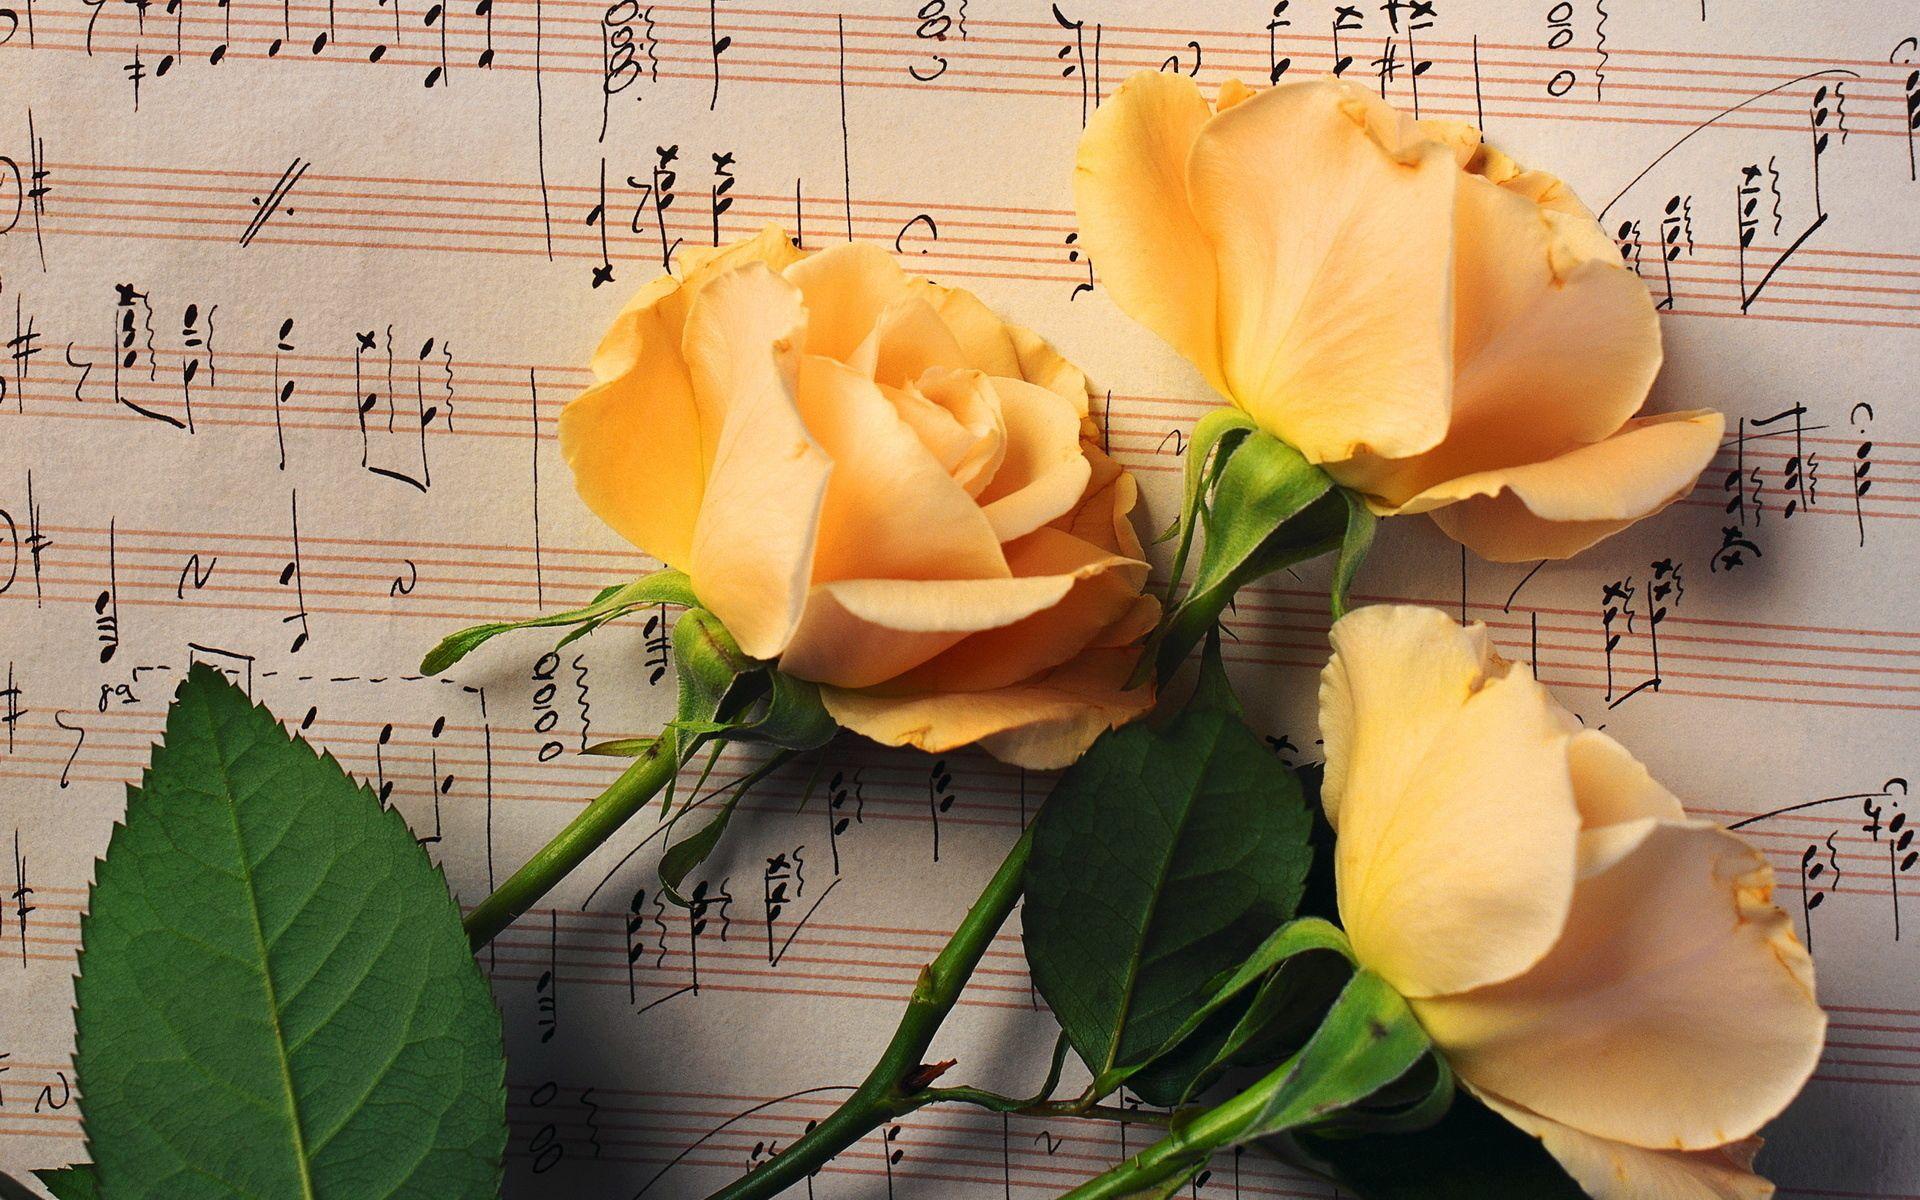 156975 Hintergrundbild herunterladen Musik, Blumen, Roses, Knospen, Drei, Anmerkungen - Bildschirmschoner und Bilder kostenlos